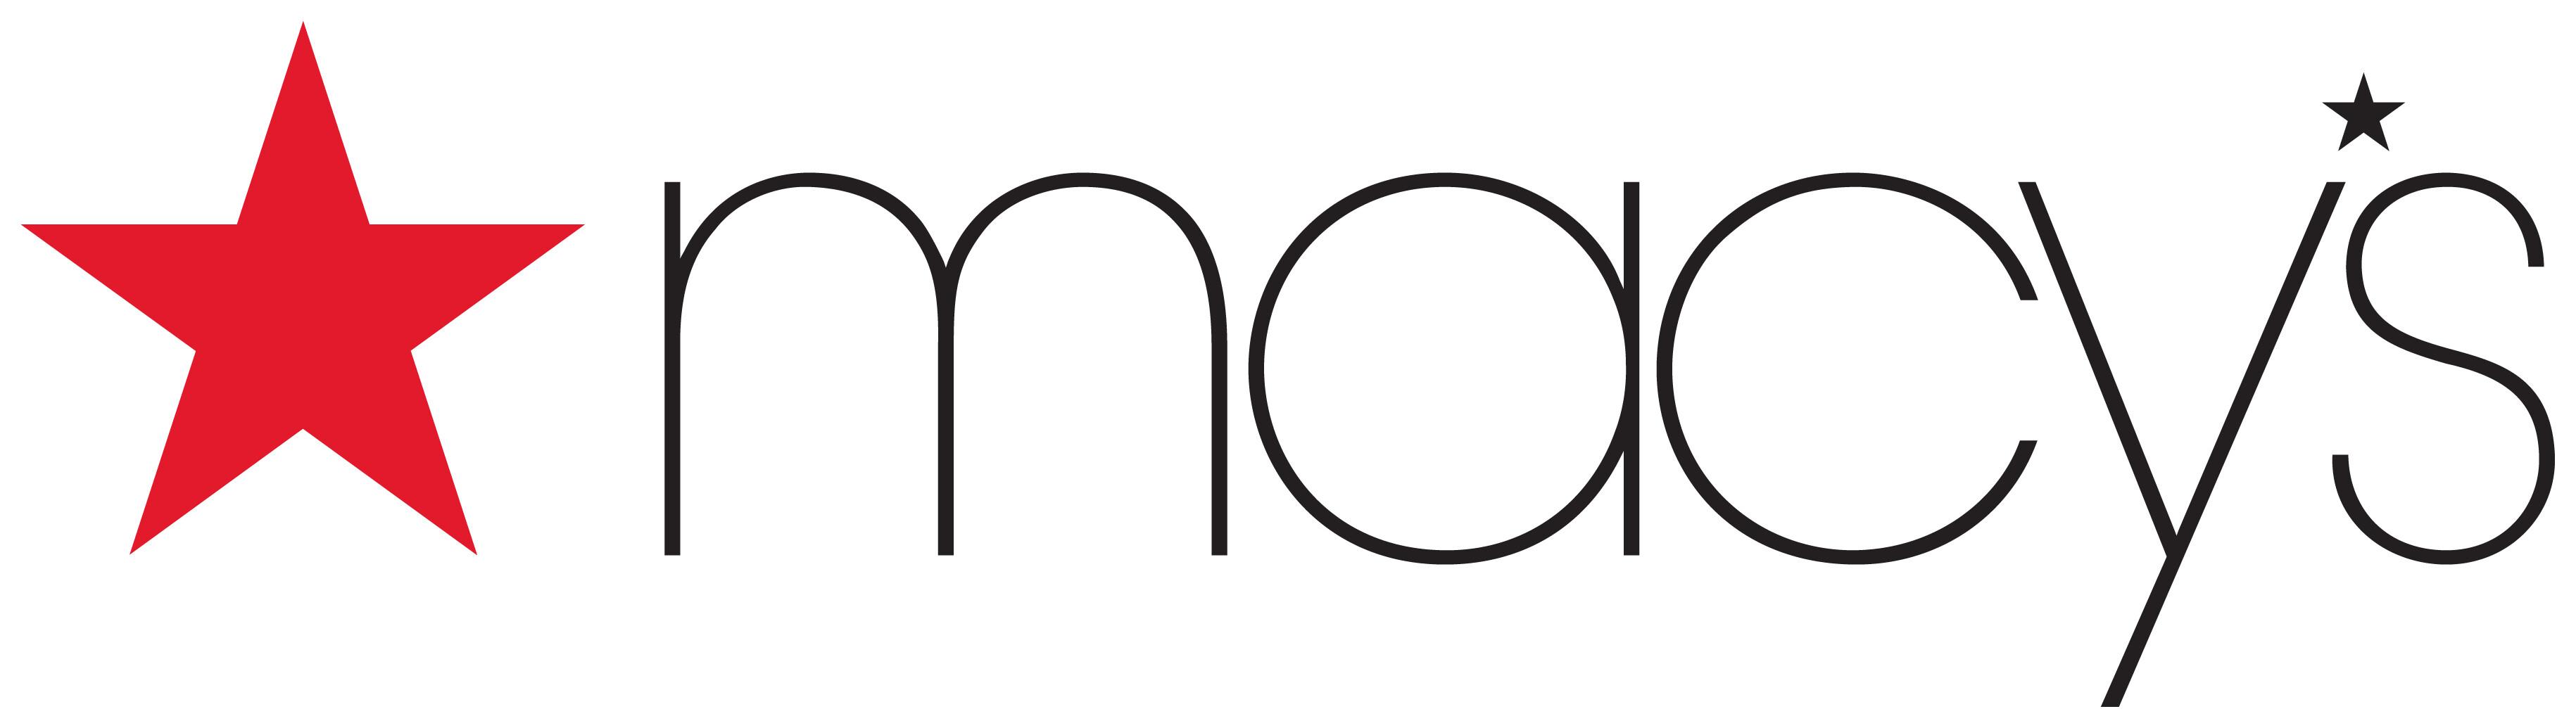 Www1 Macy's Logo